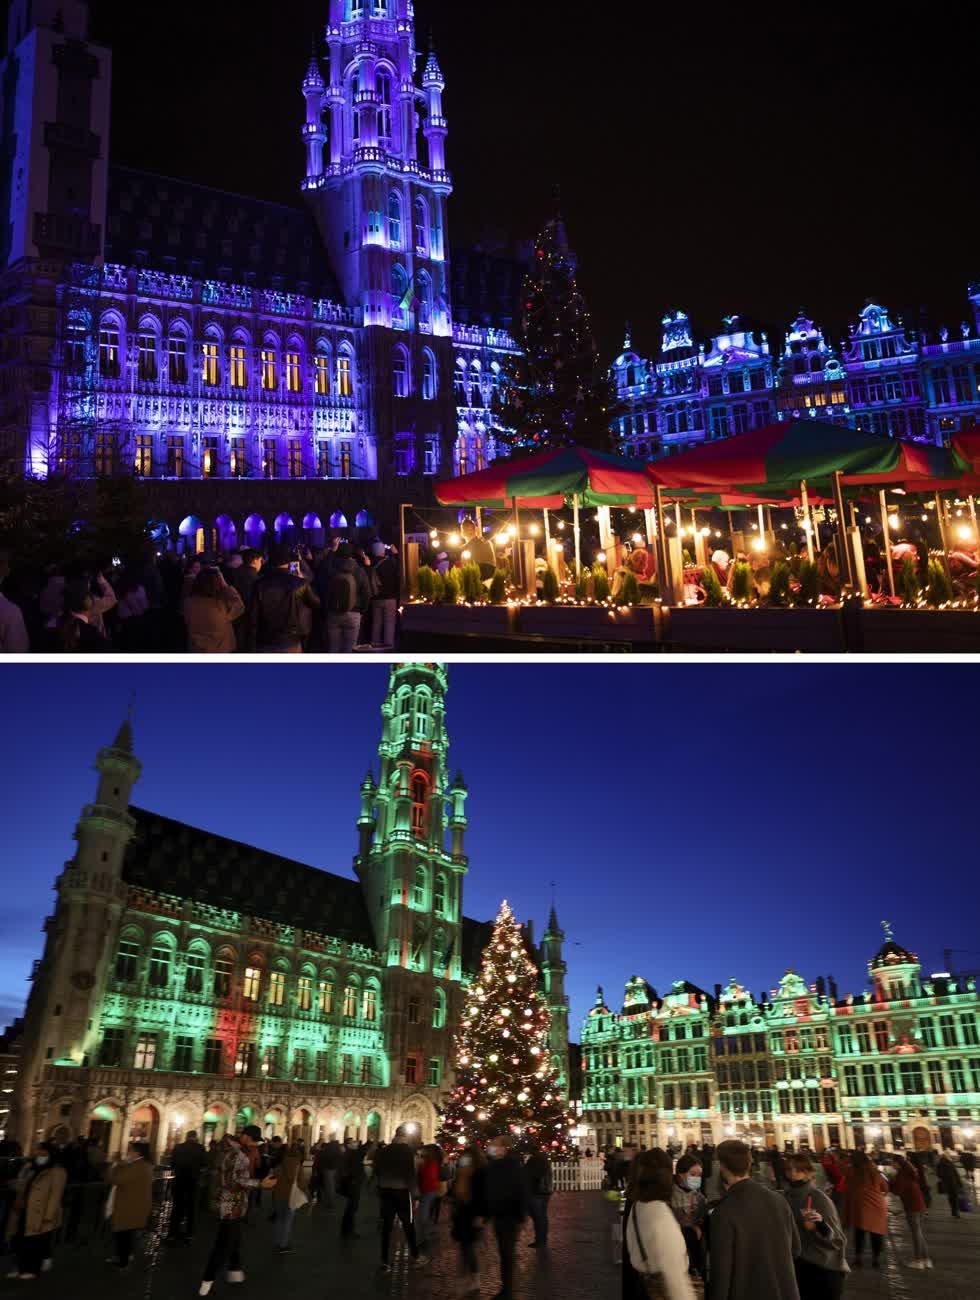 Bức ảnh từ ngày 18/12/2019, về Grand Place với khu chợ ở Brussels và quảng trường vào ngày 24 /11/2020. Ảnh: AP